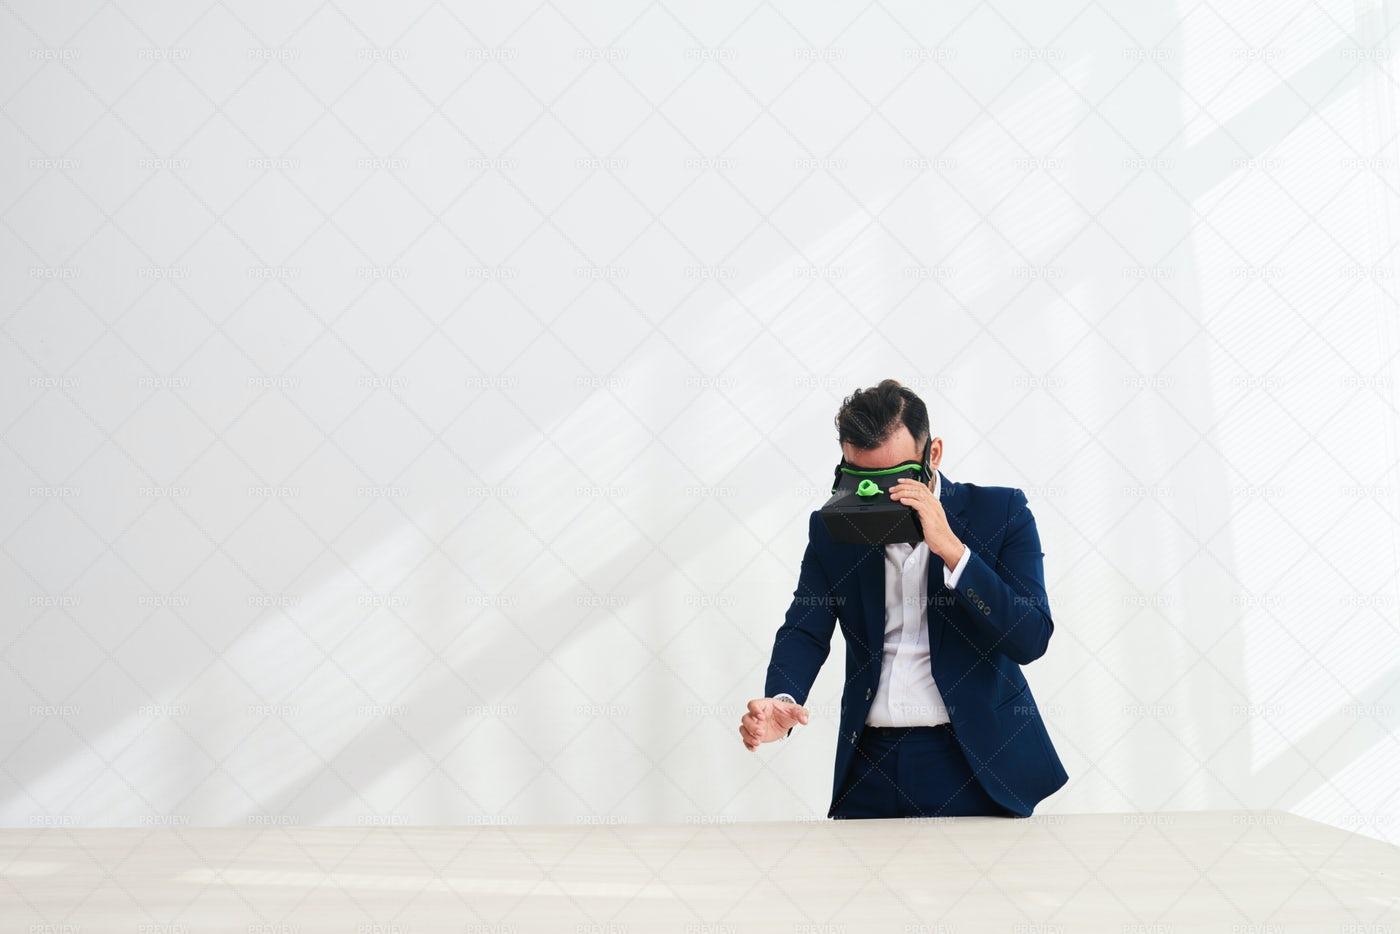 Exploring Virtual Reality: Stock Photos